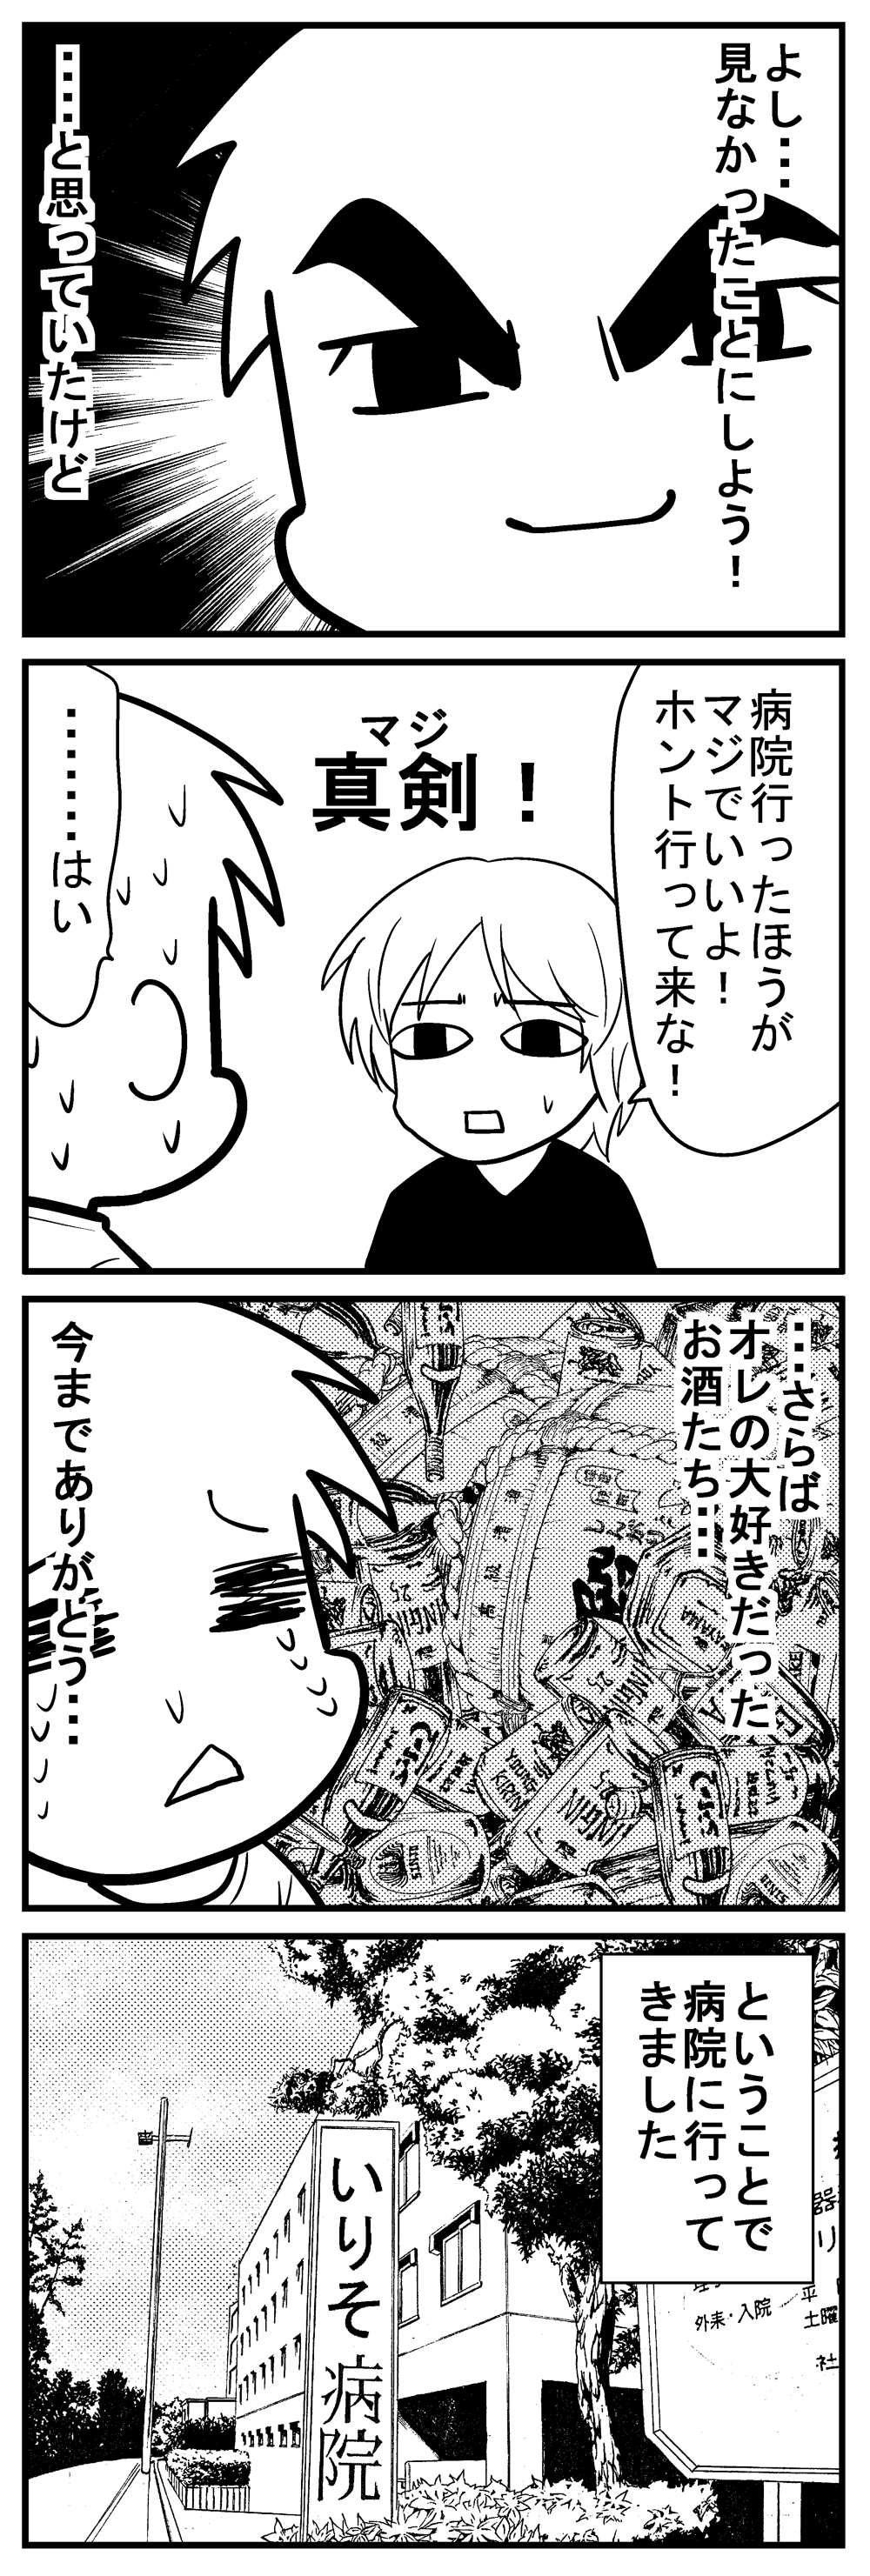 深読みくん86-3